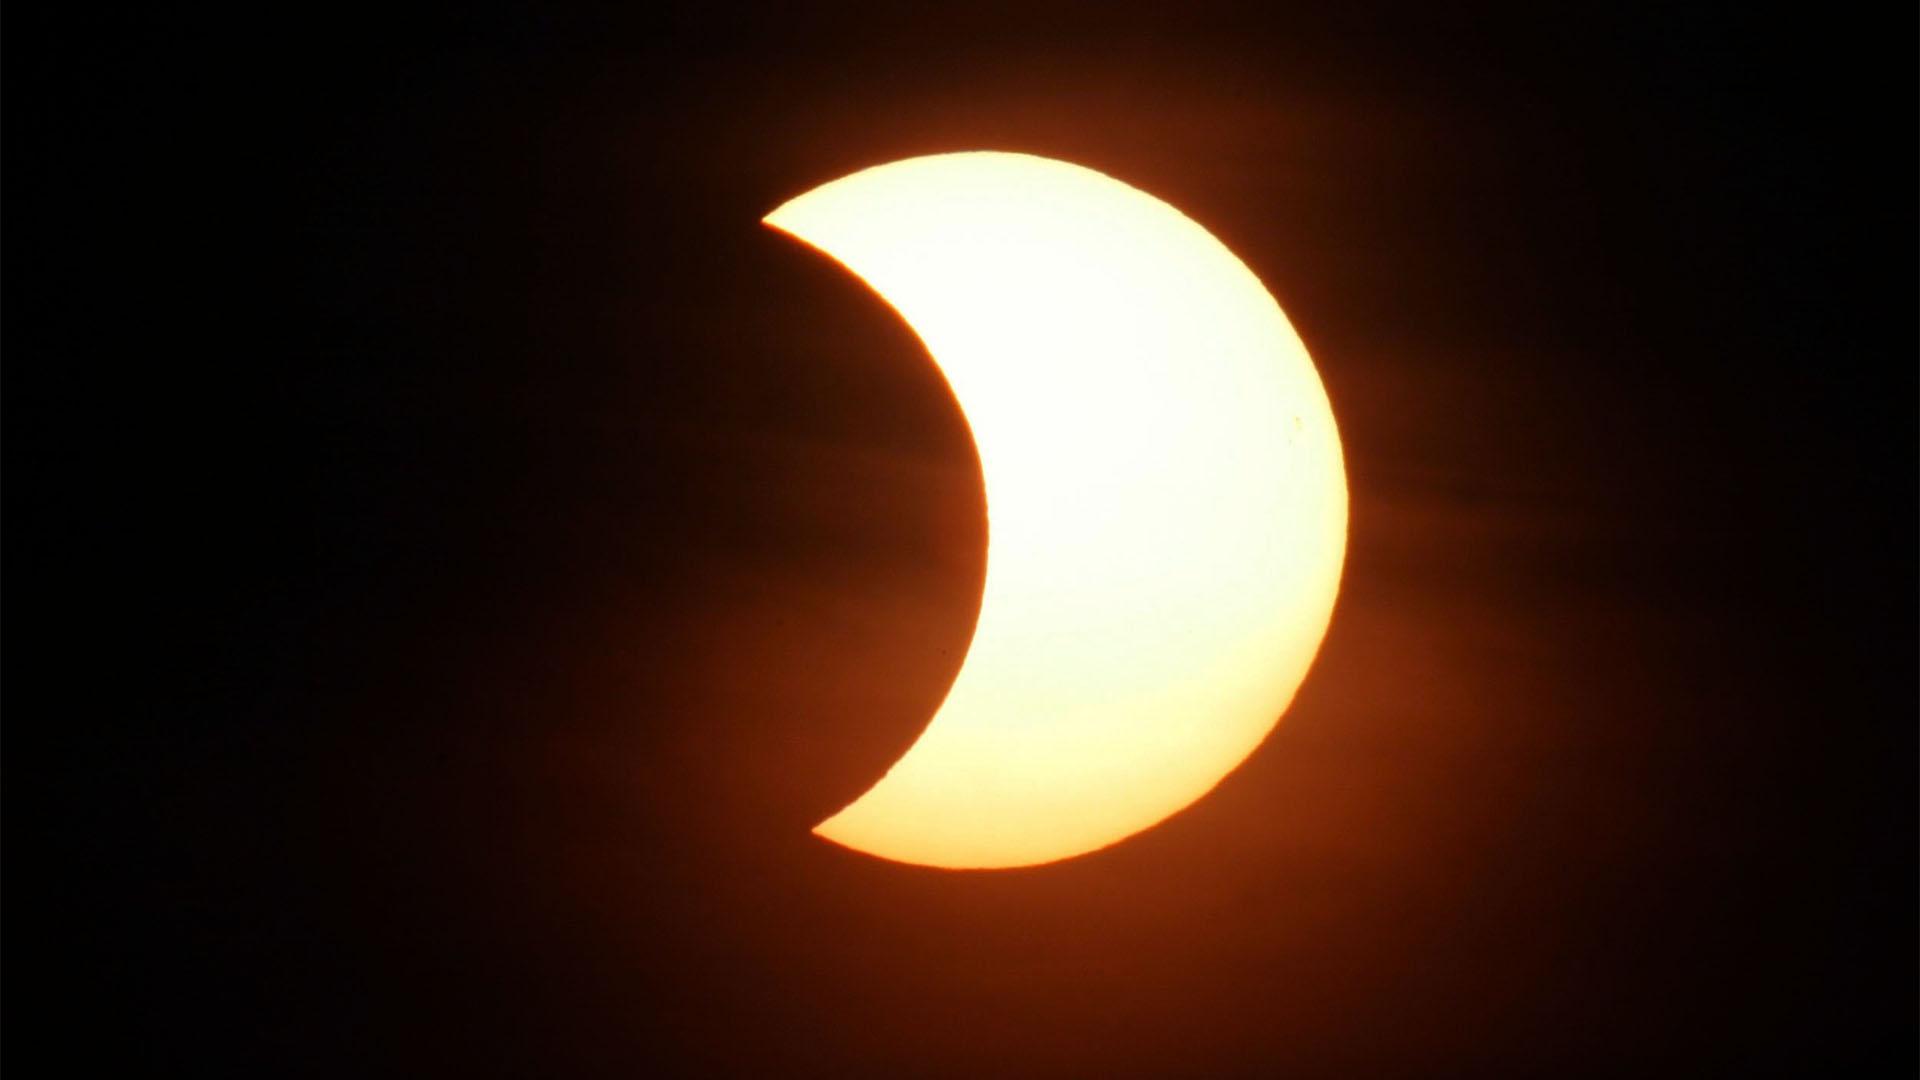 Kiedy będzie następne zaćmienie Słońca w Polsce?